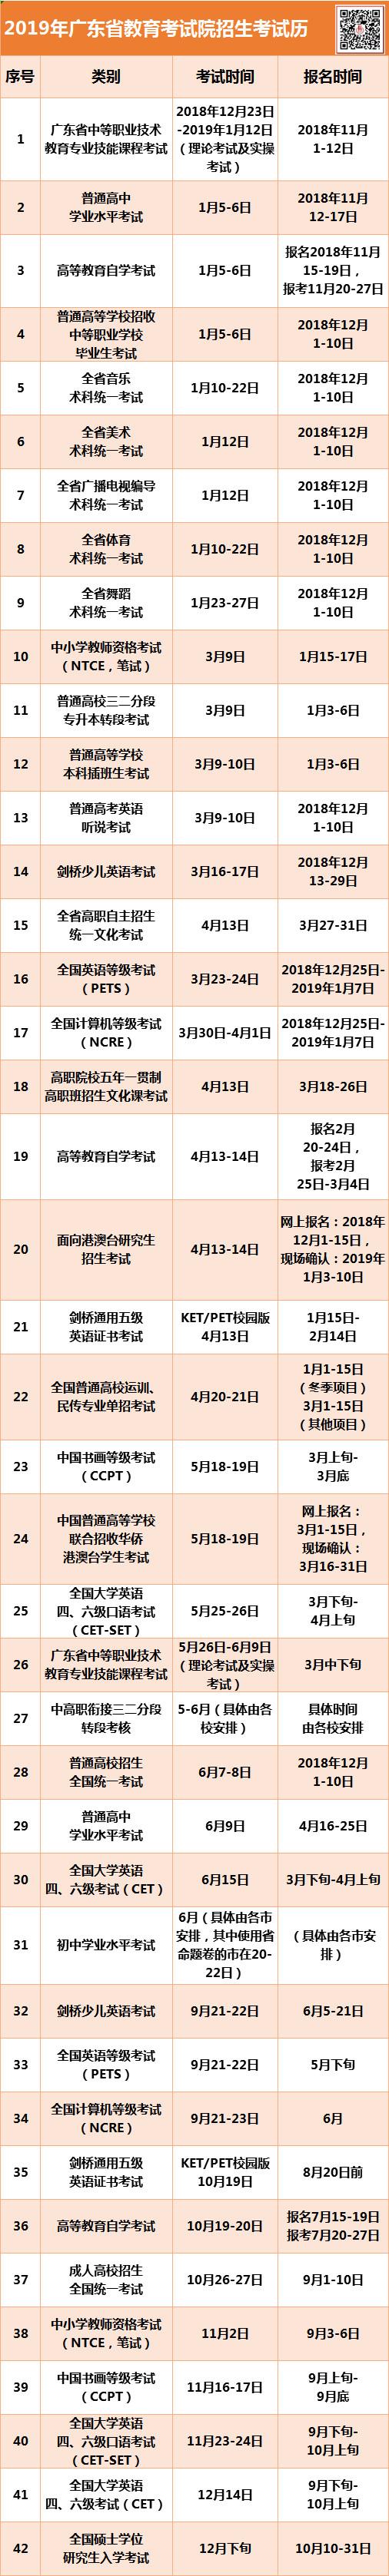 2019年广东省全年招考历出炉啦!快收好~